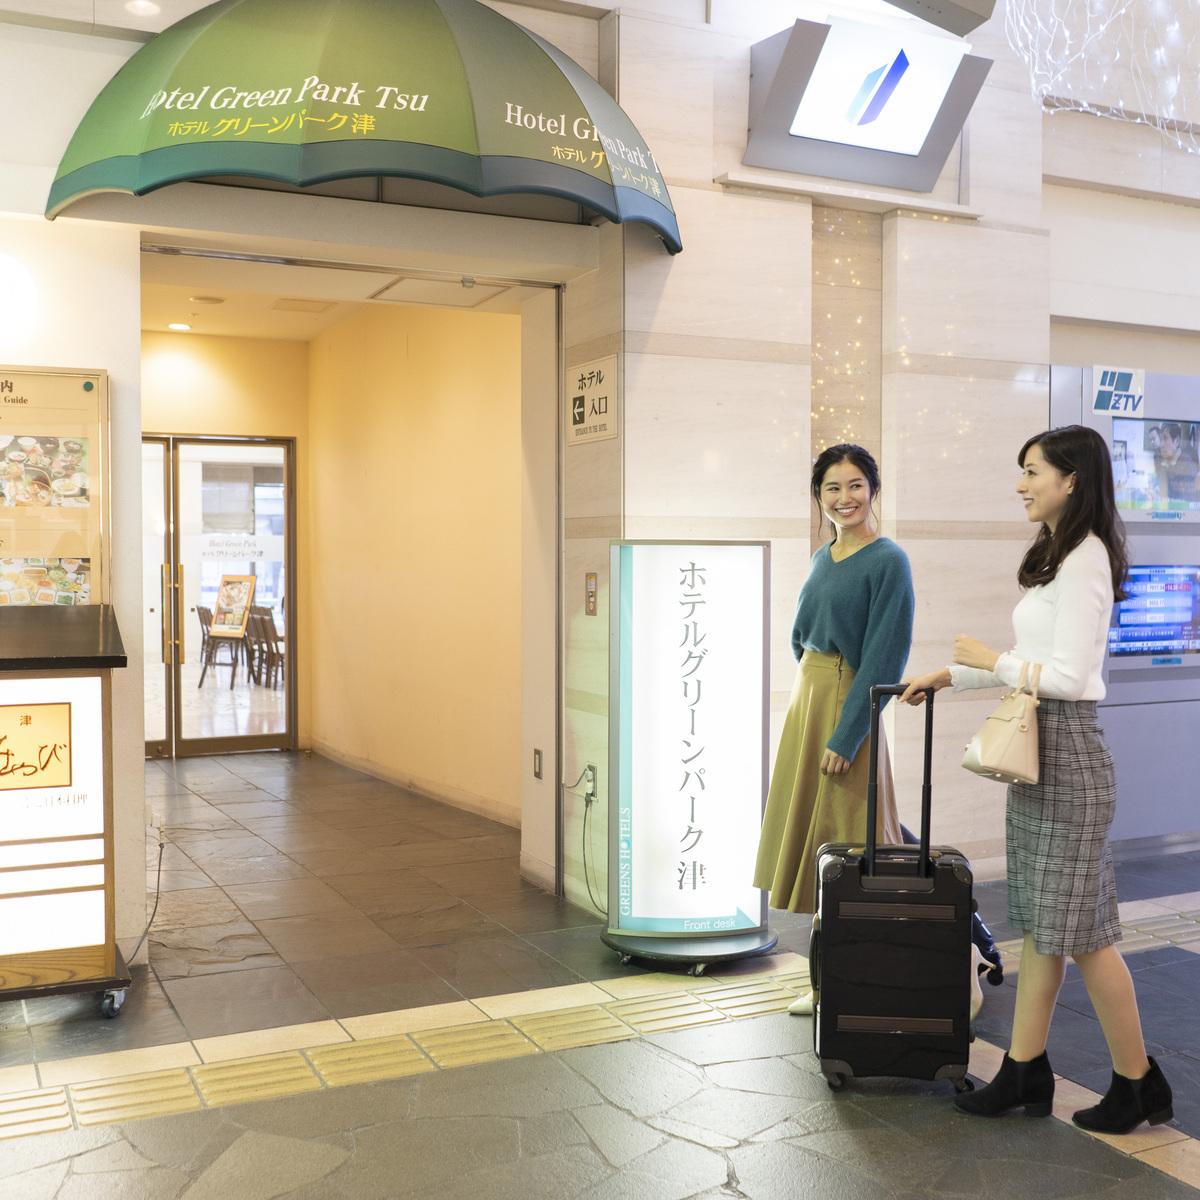 ホテルグリーンパーク津 image